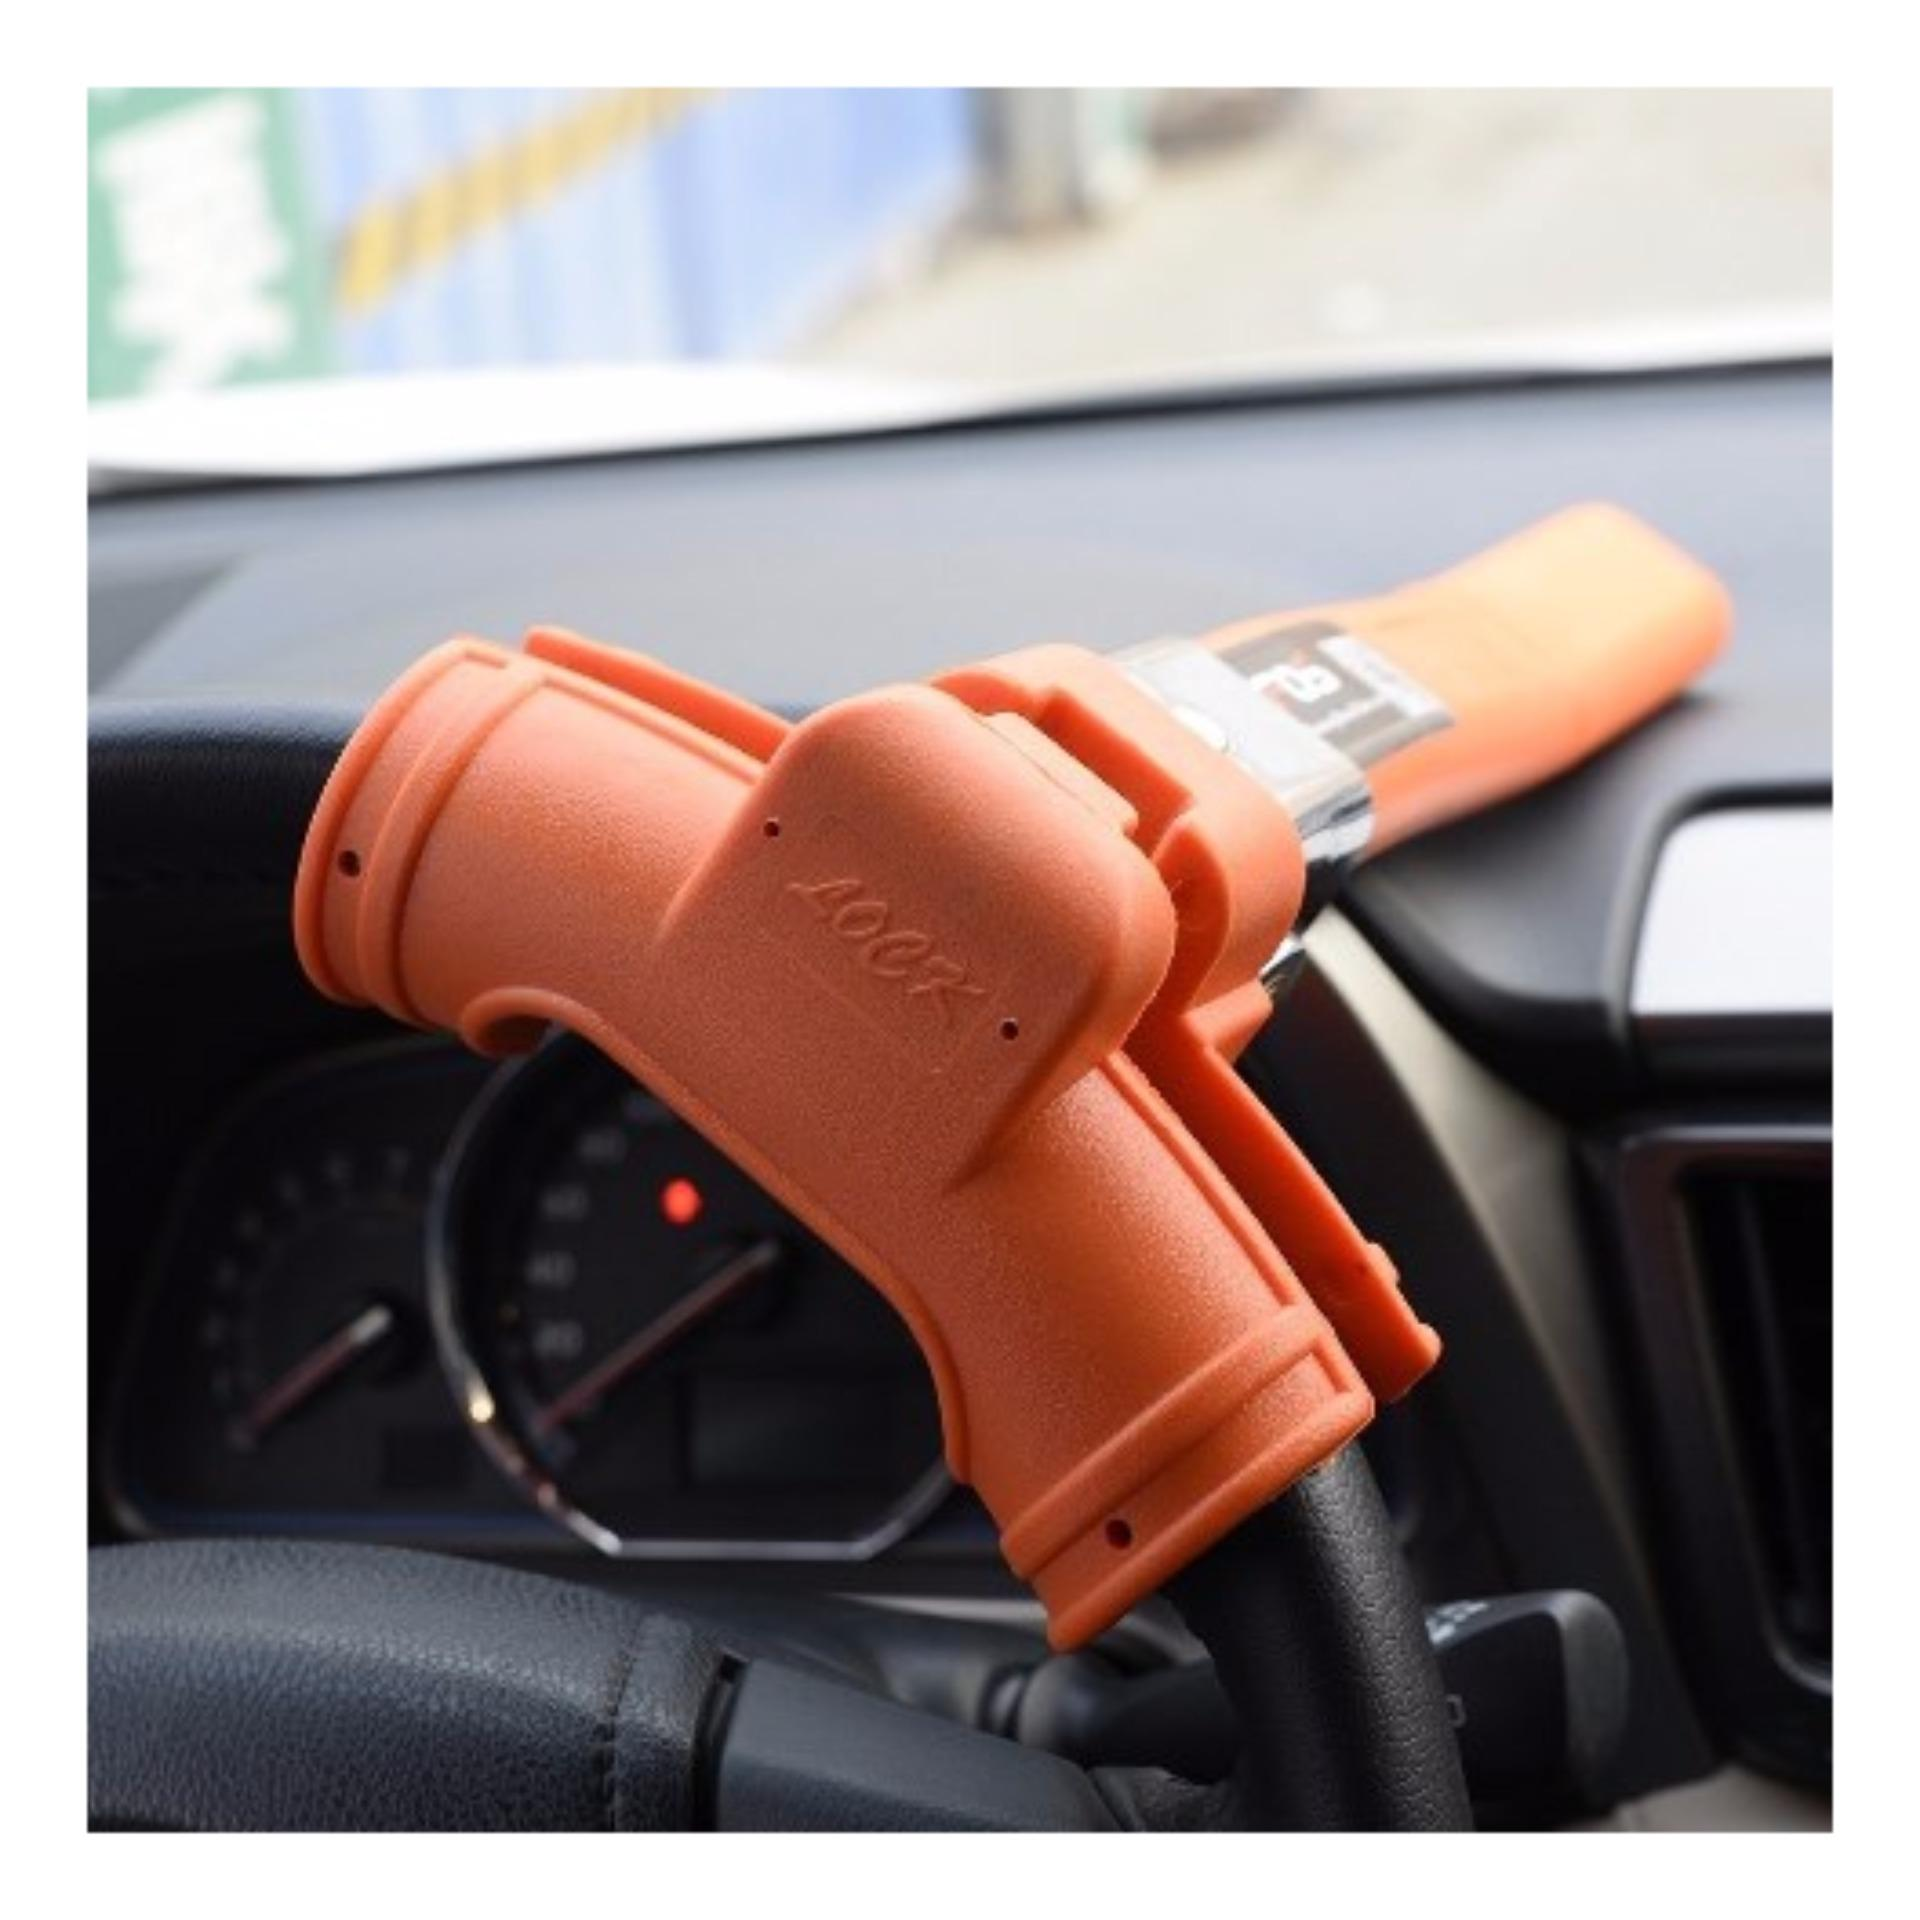 Sloof Kunci Pengaman Stir Mobil Ke Pilar Anti Maling Daftar Harga Oklock P1 Stang Model 1pin Full Orange Di Bagianstir Dengan Dashboard